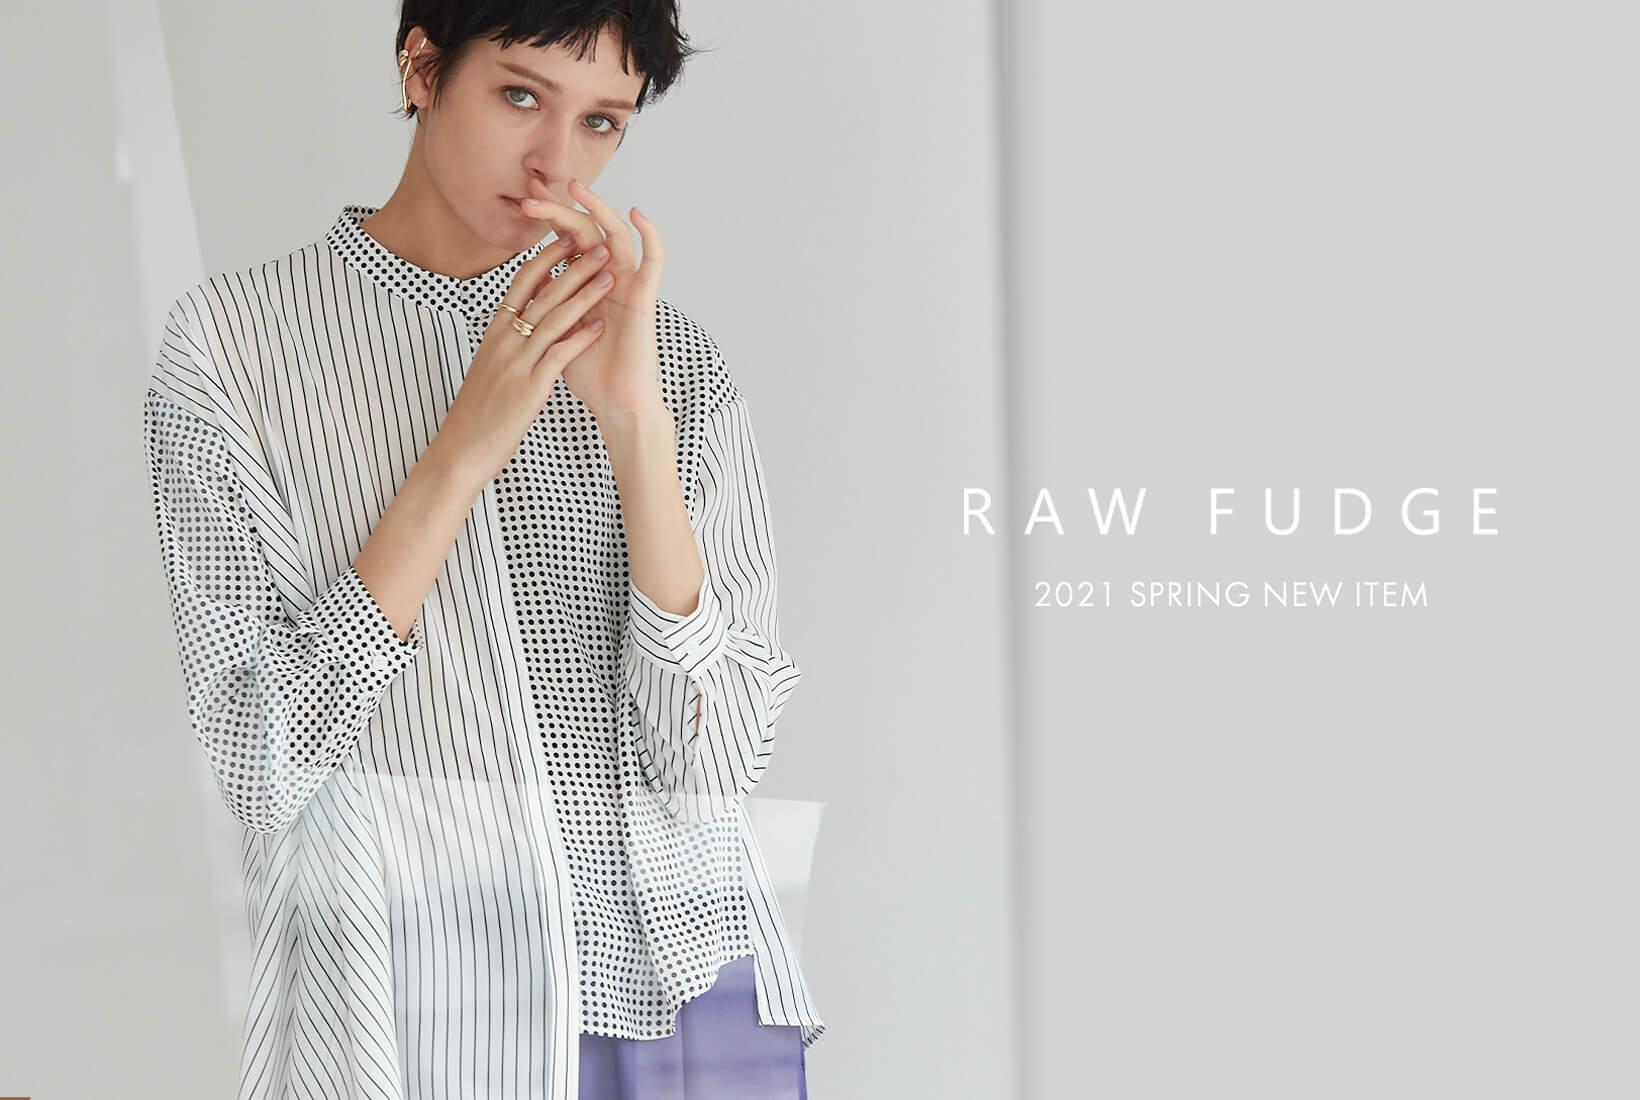 RAWFUDGE「ローファッジ」 2021 Spring Collection